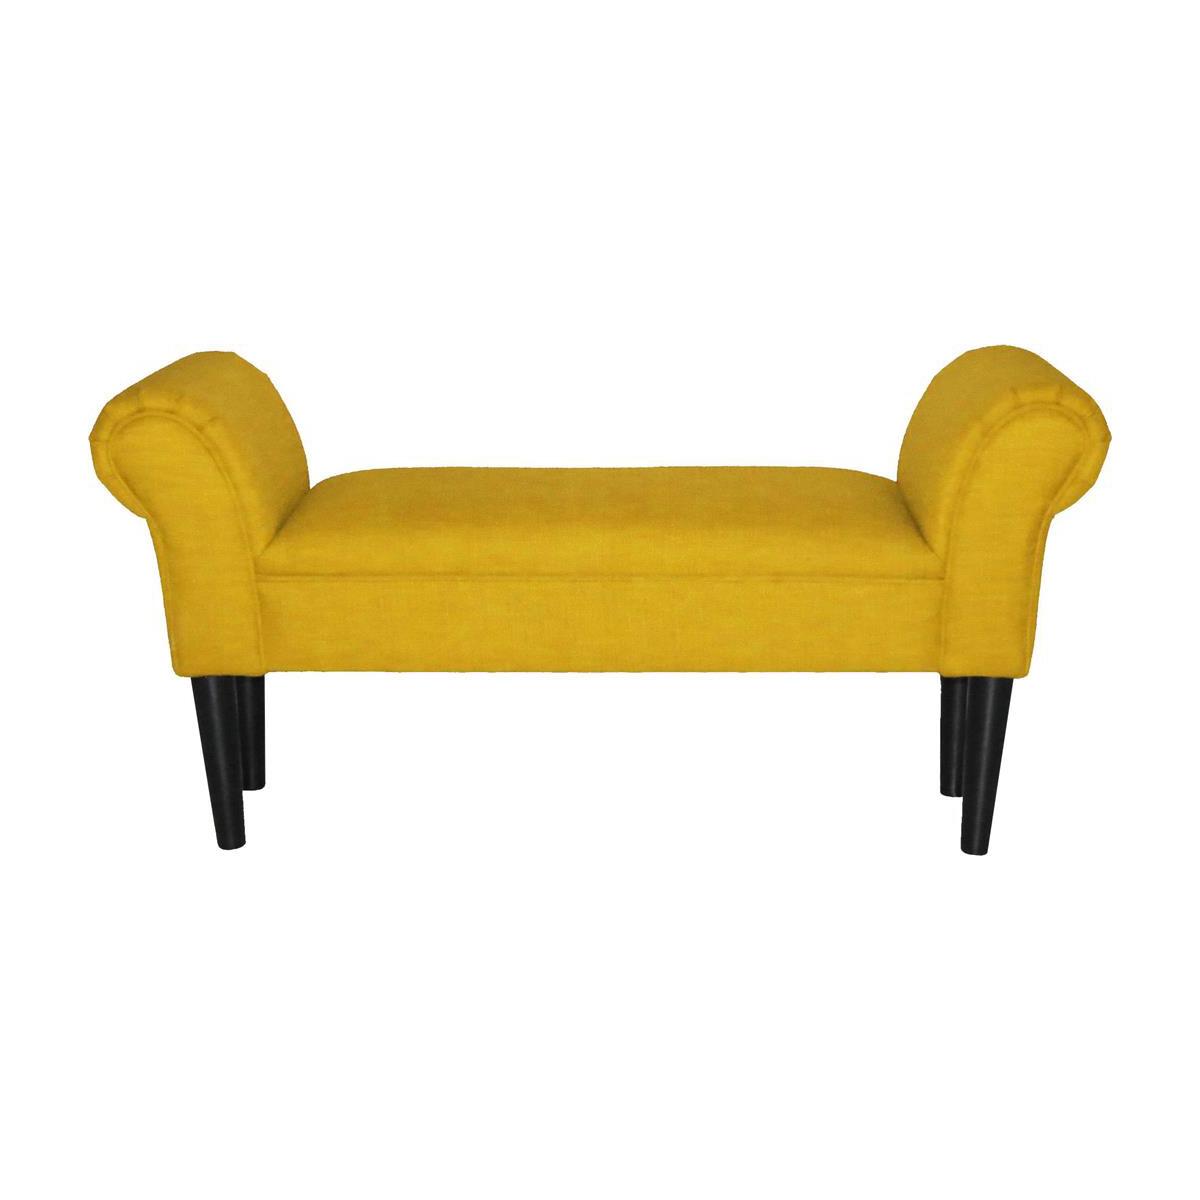 Текстилна пейка с извити подлакътници - жълта